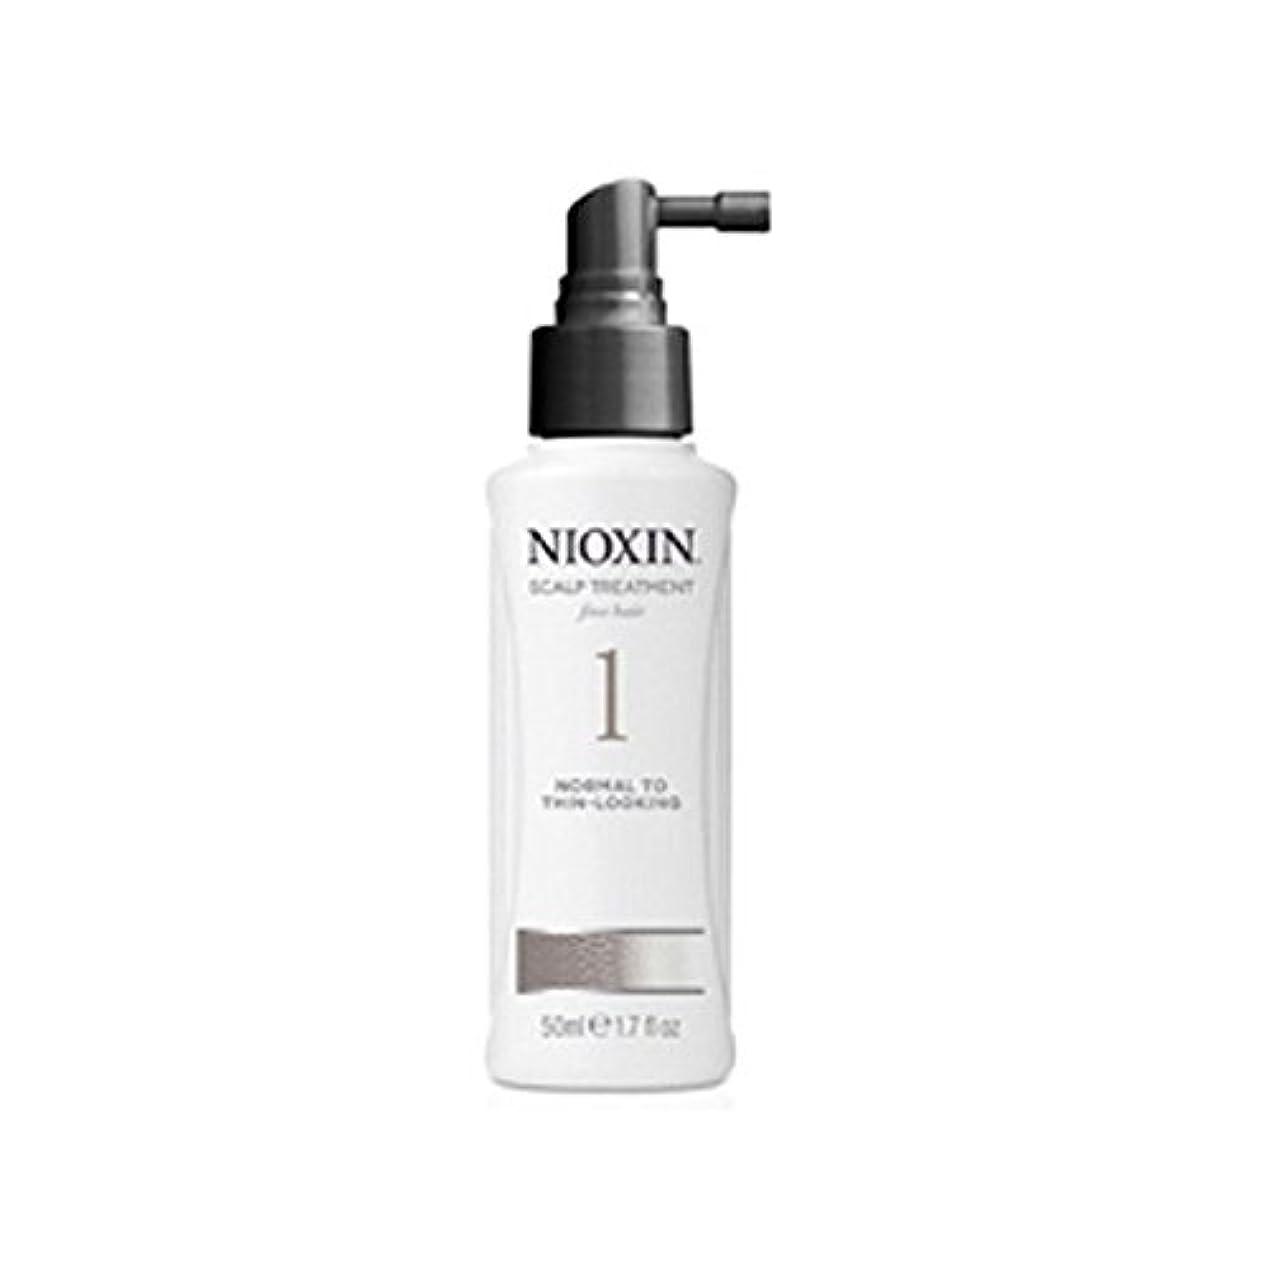 断言するスロベニア操作可能Nioxin System 1 Scalp Treatment For Normal To Fine Natural Hair (100ml) - 細かい自然な髪への通常のためニオキシンシステム1スカルプトリートメント(...